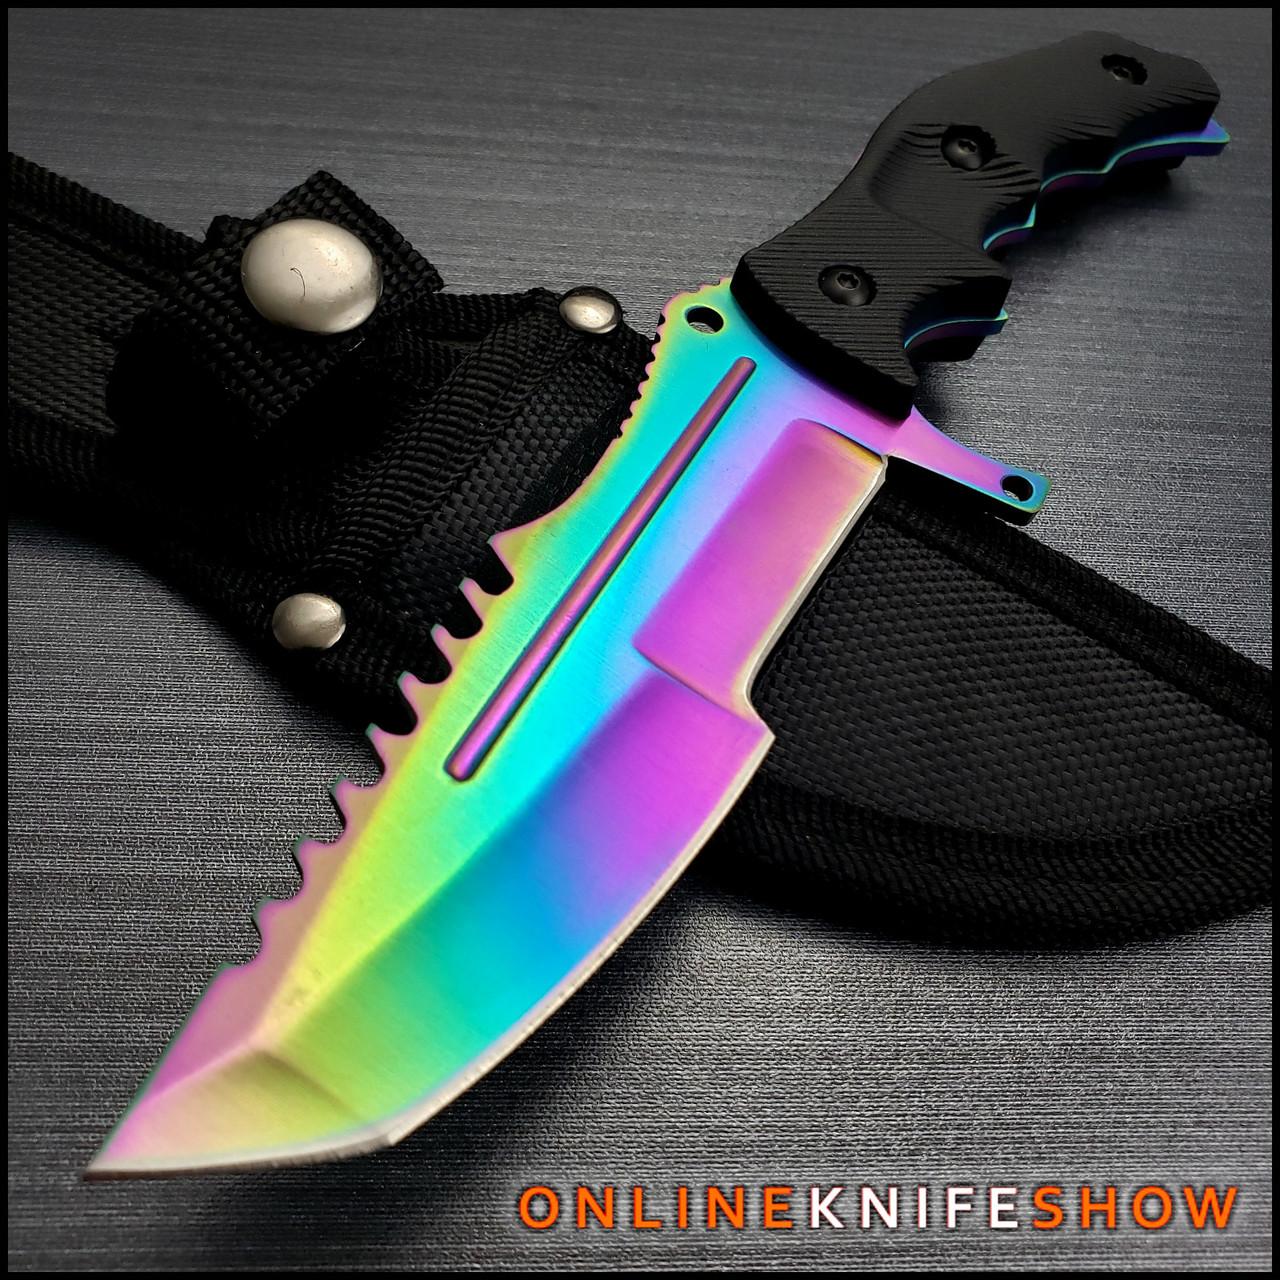 Rainbow Huntsman Knife